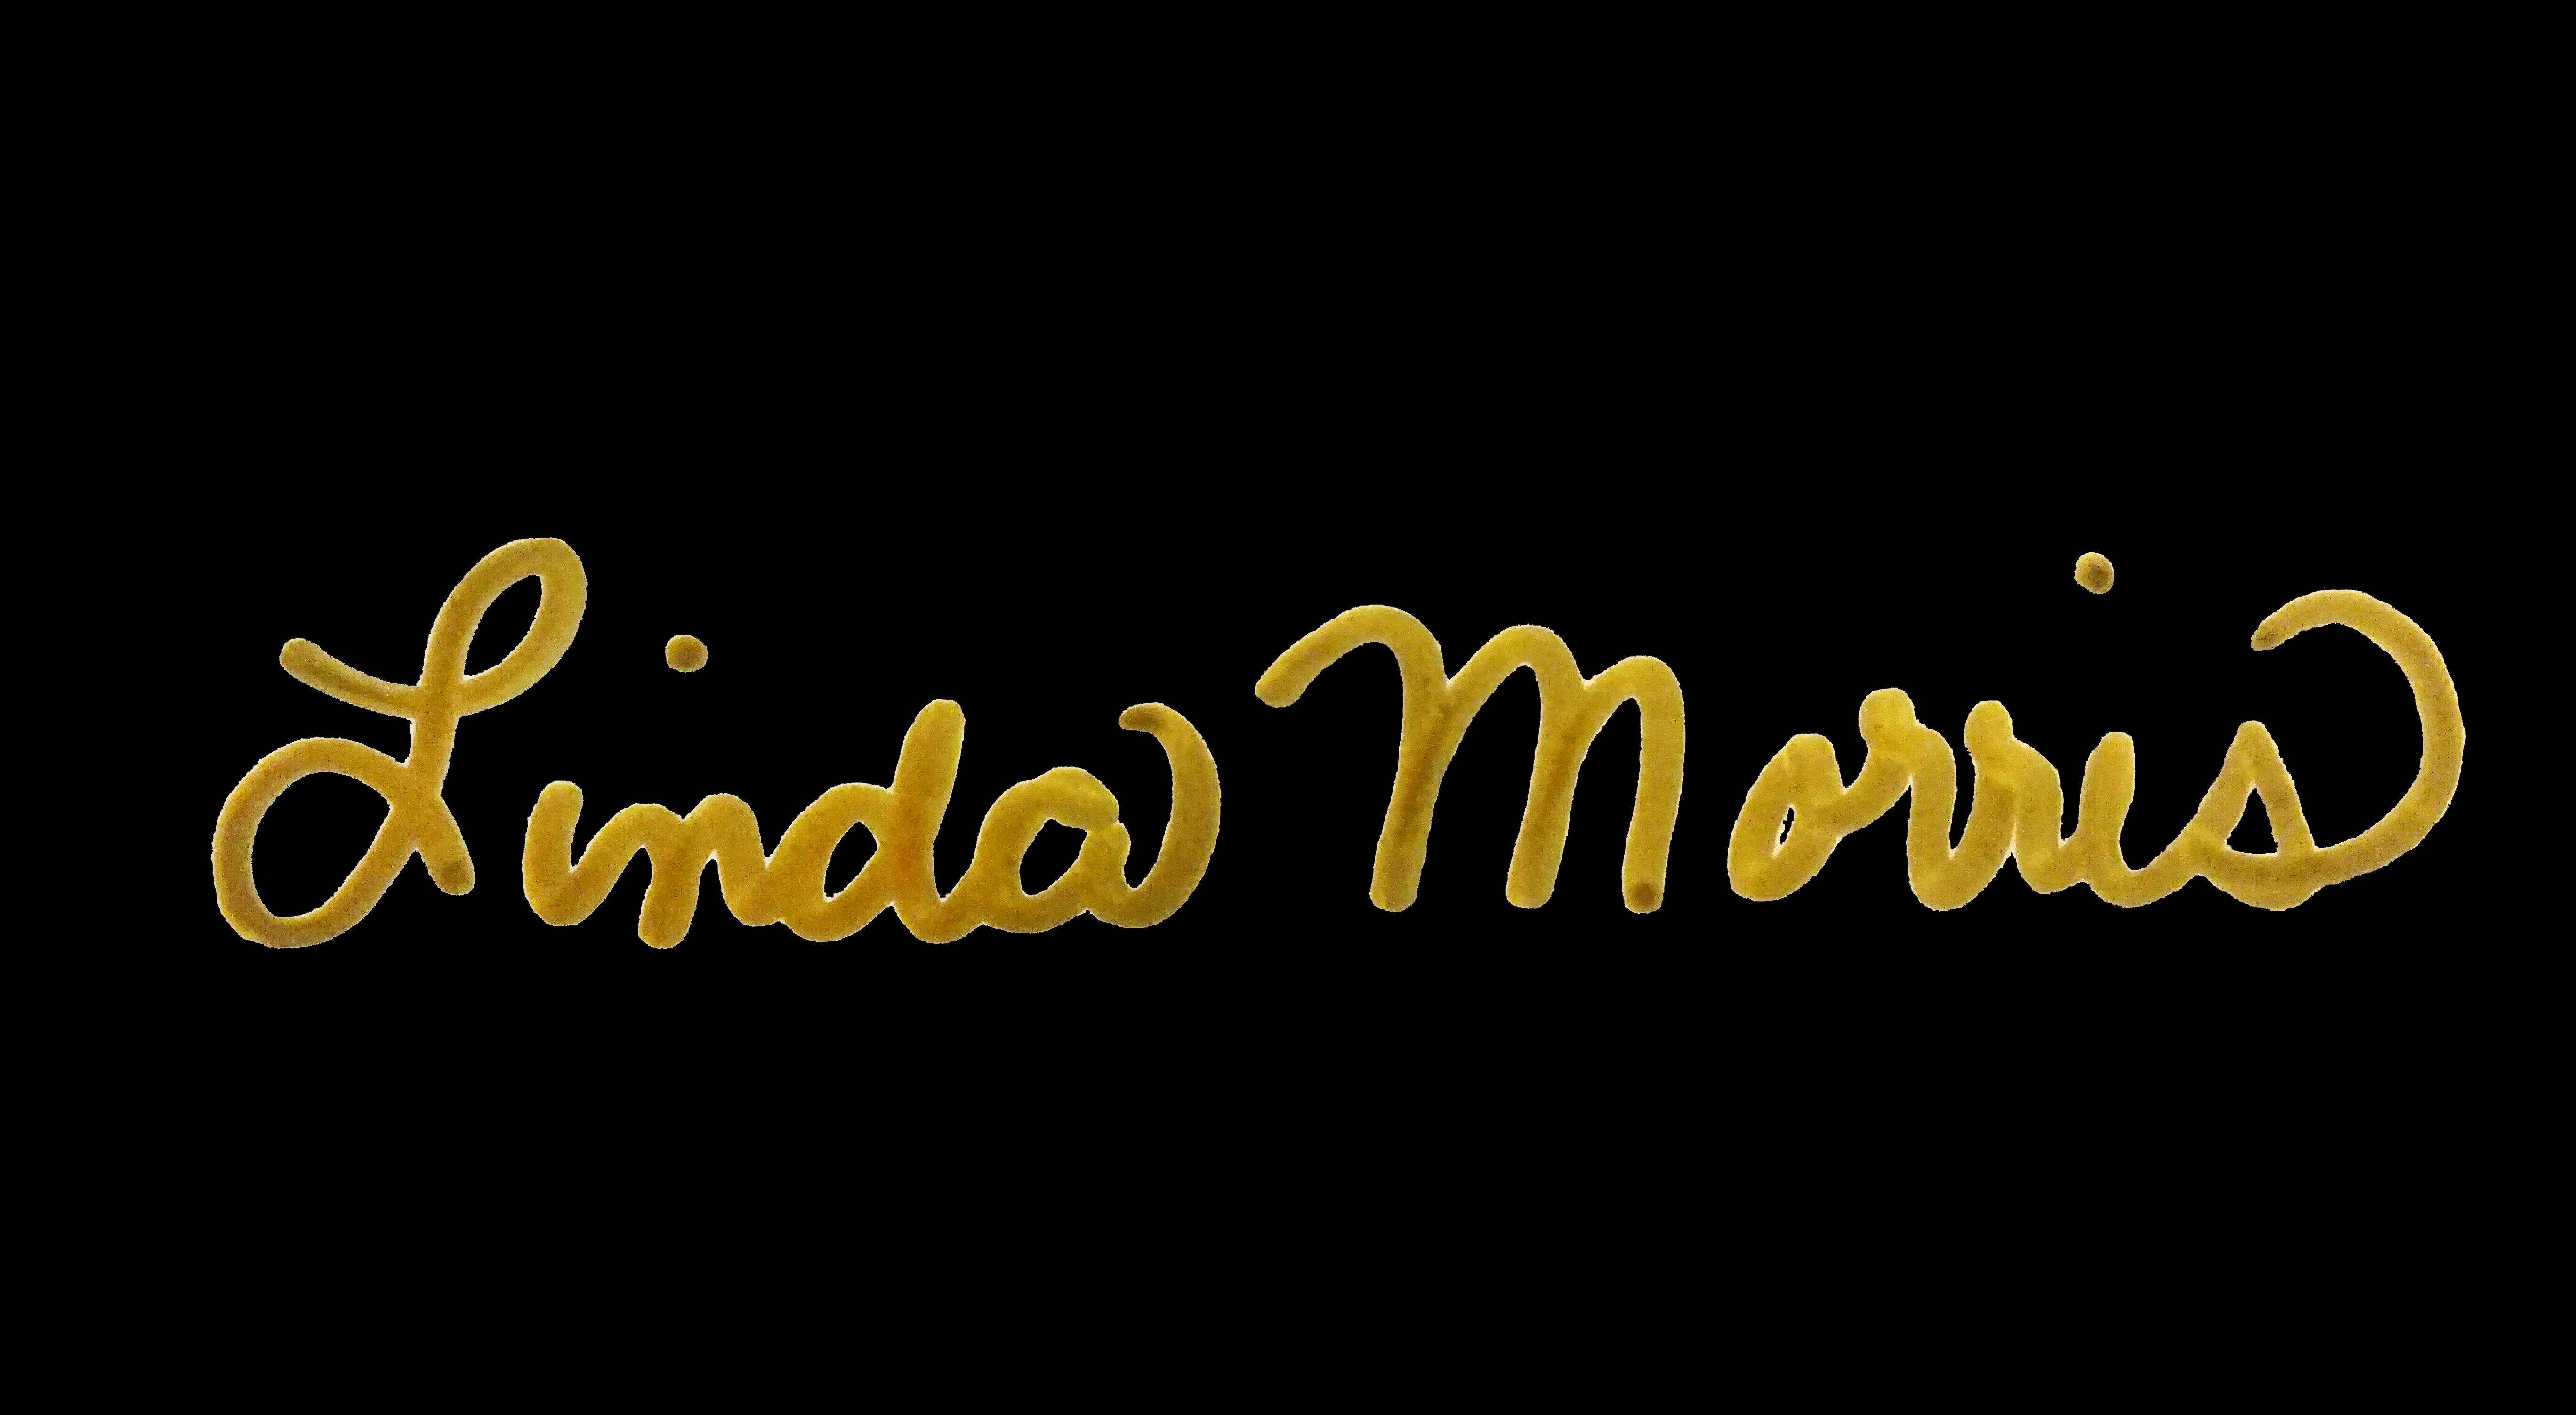 linda morris's Signature